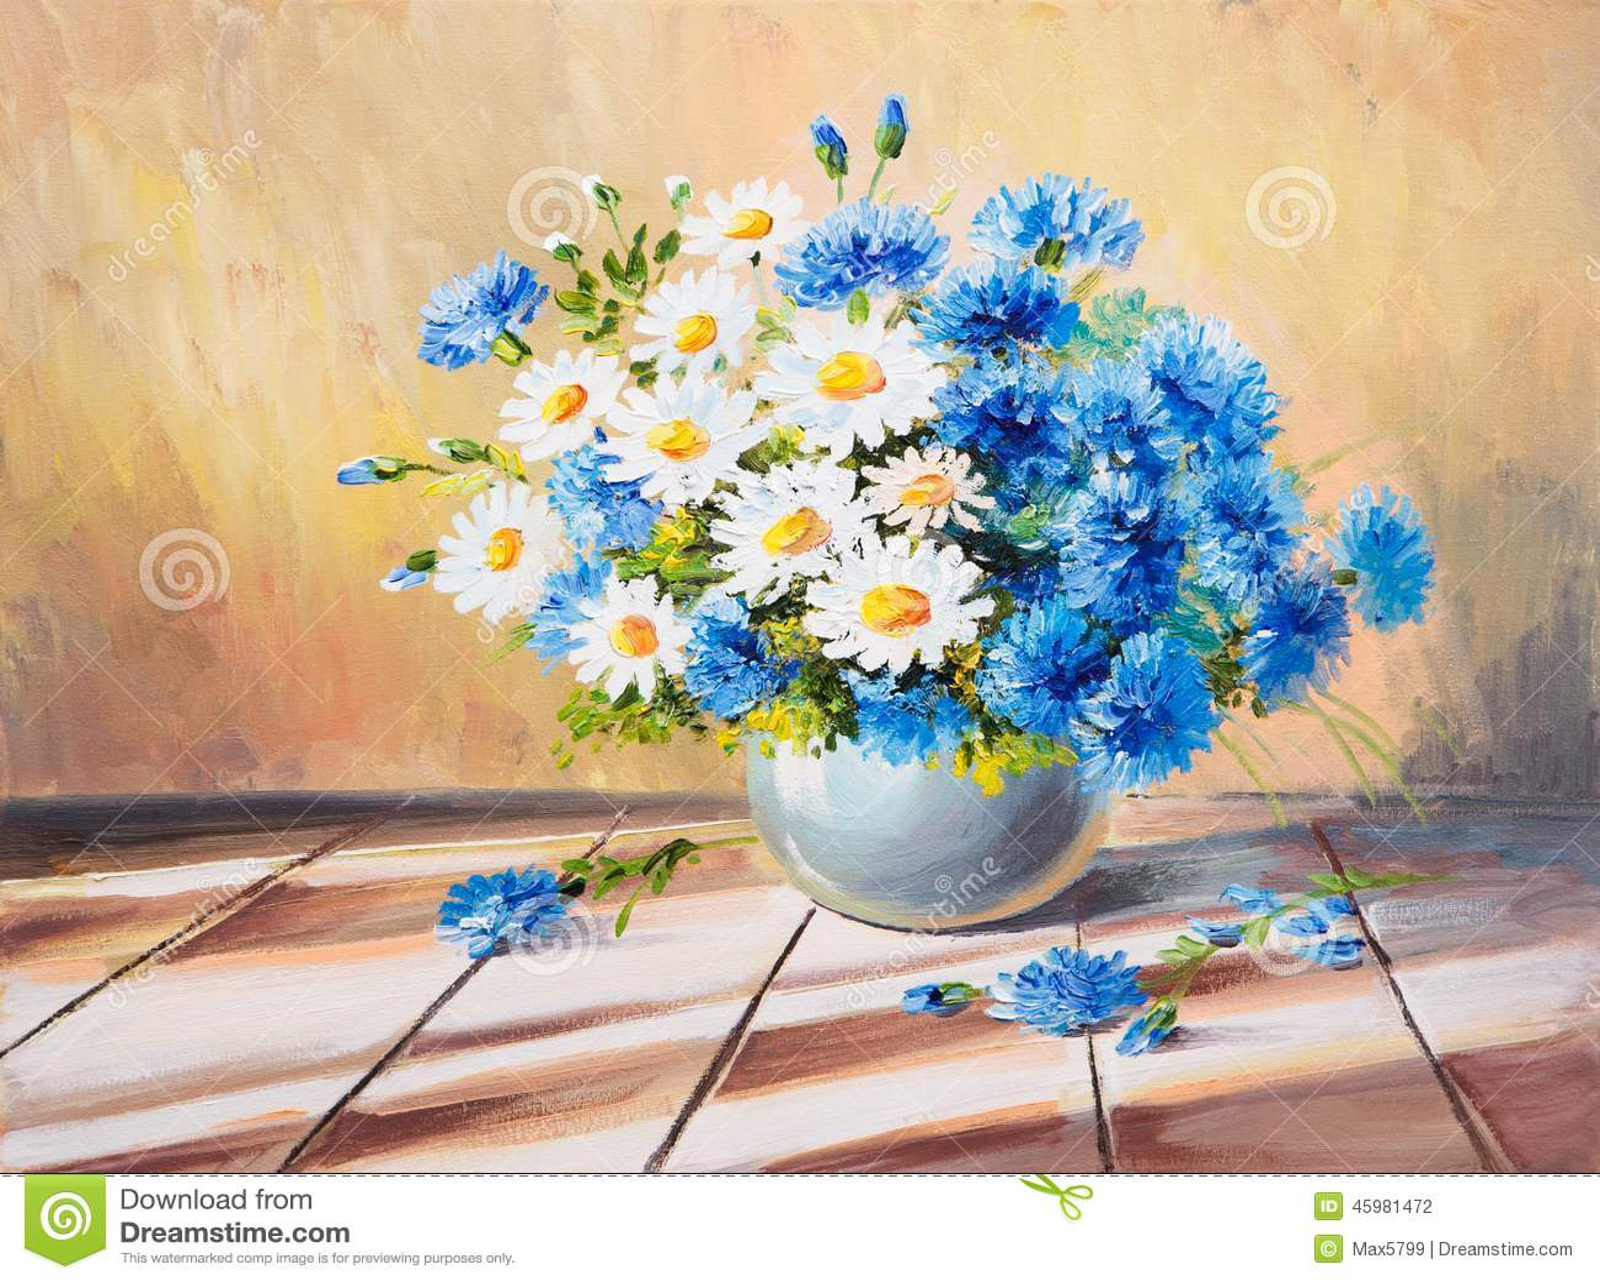 photos images beau bouquet de fleur peinture l huile